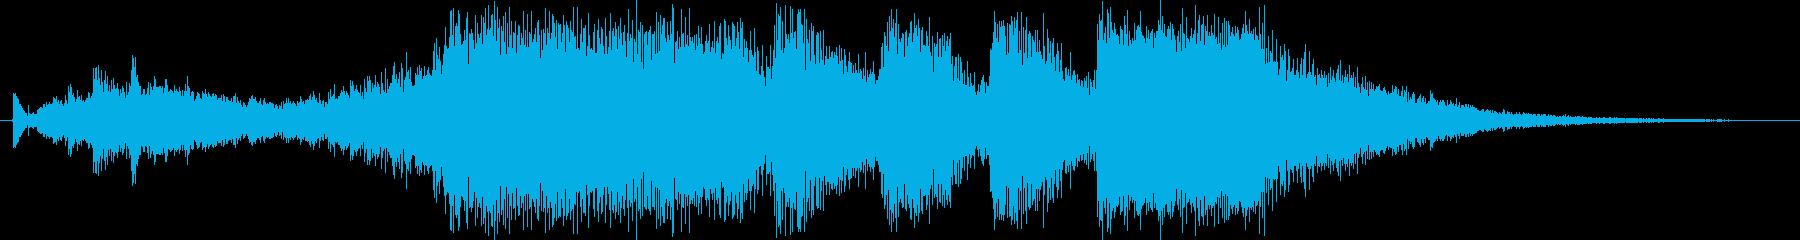 レベルアップっぽいファンファーレ1(豪華の再生済みの波形